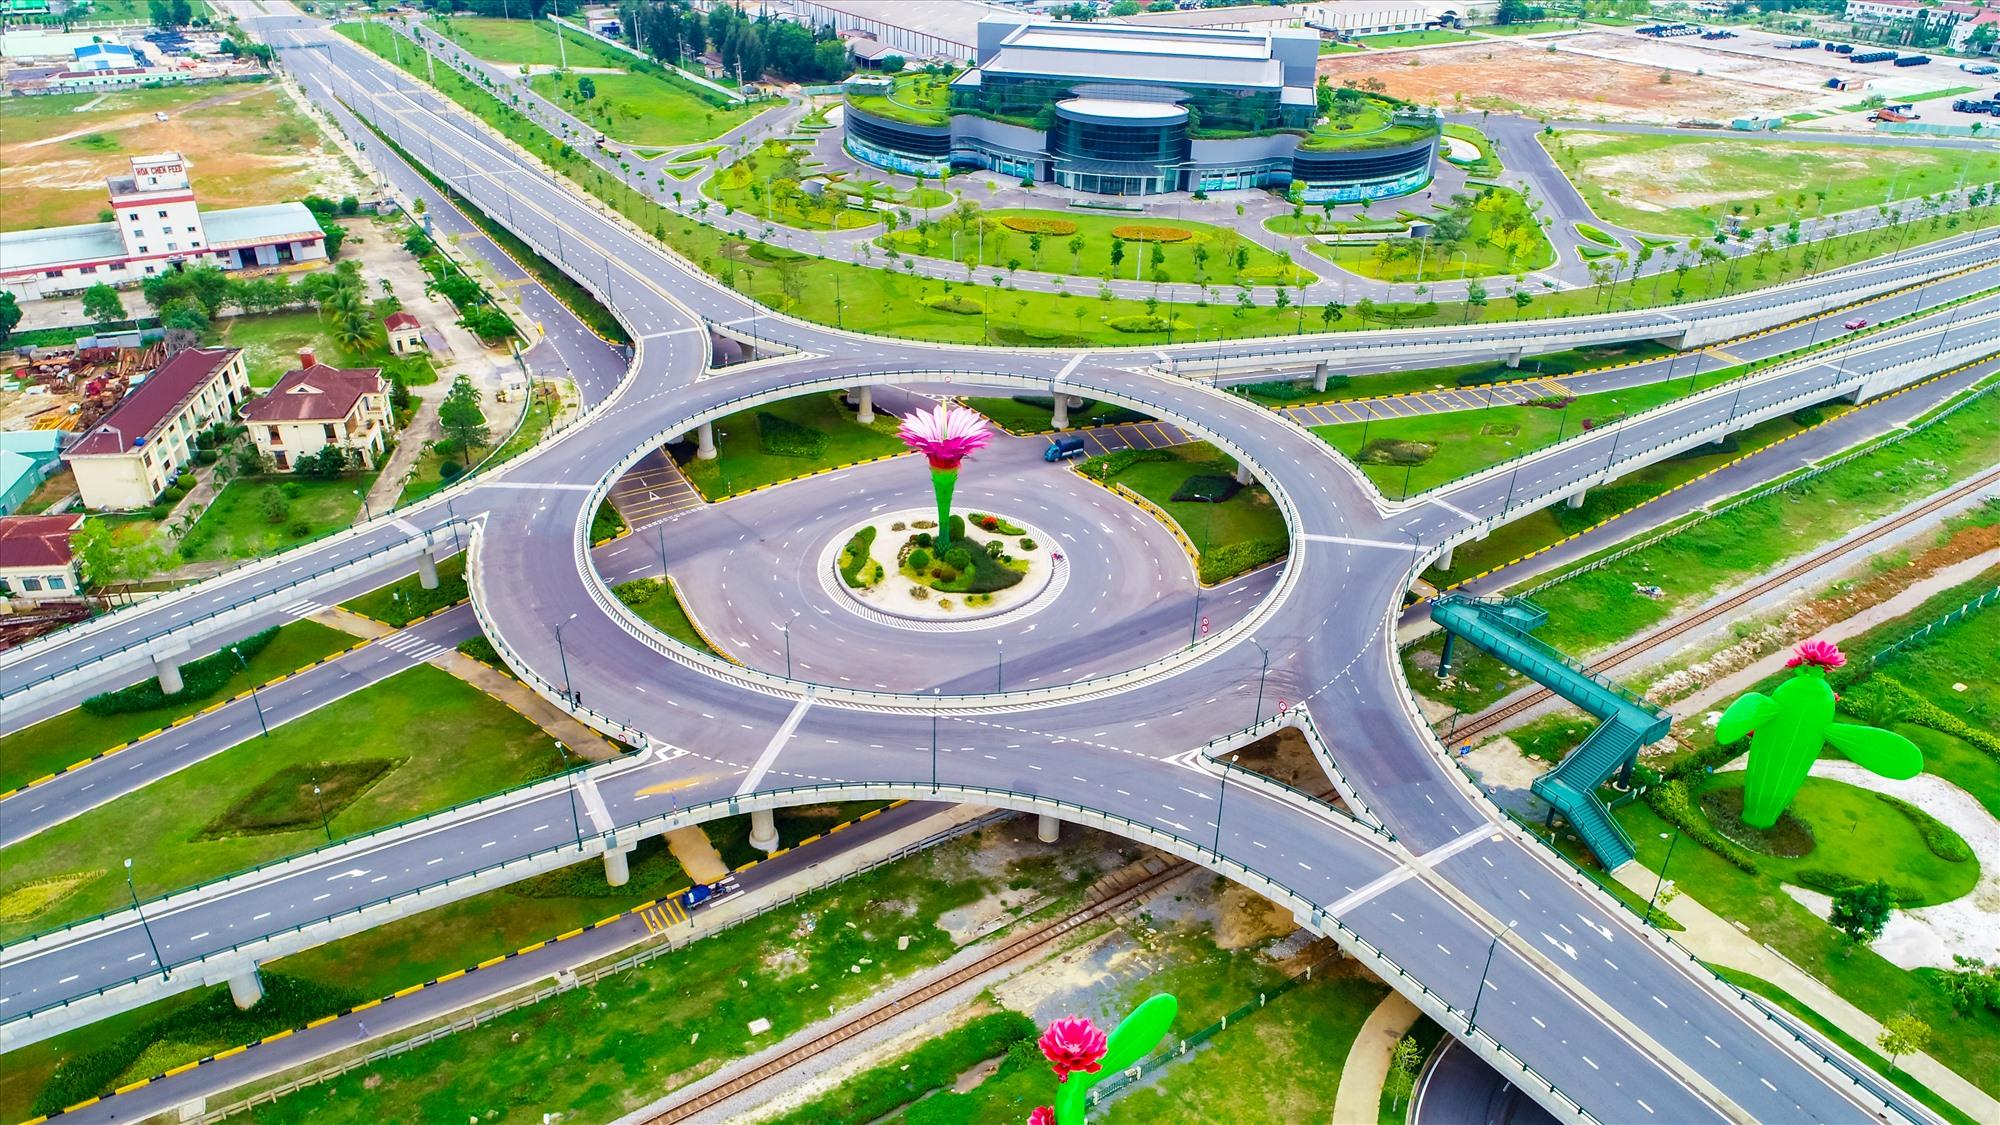 Khu kinh tế mở Chu Lai tiếp tục là cực tăng trưởng động lực của tỉnh Quảng Nam và khu vực, kéo theo nhu cầu phát triển hạ tầng đô thị